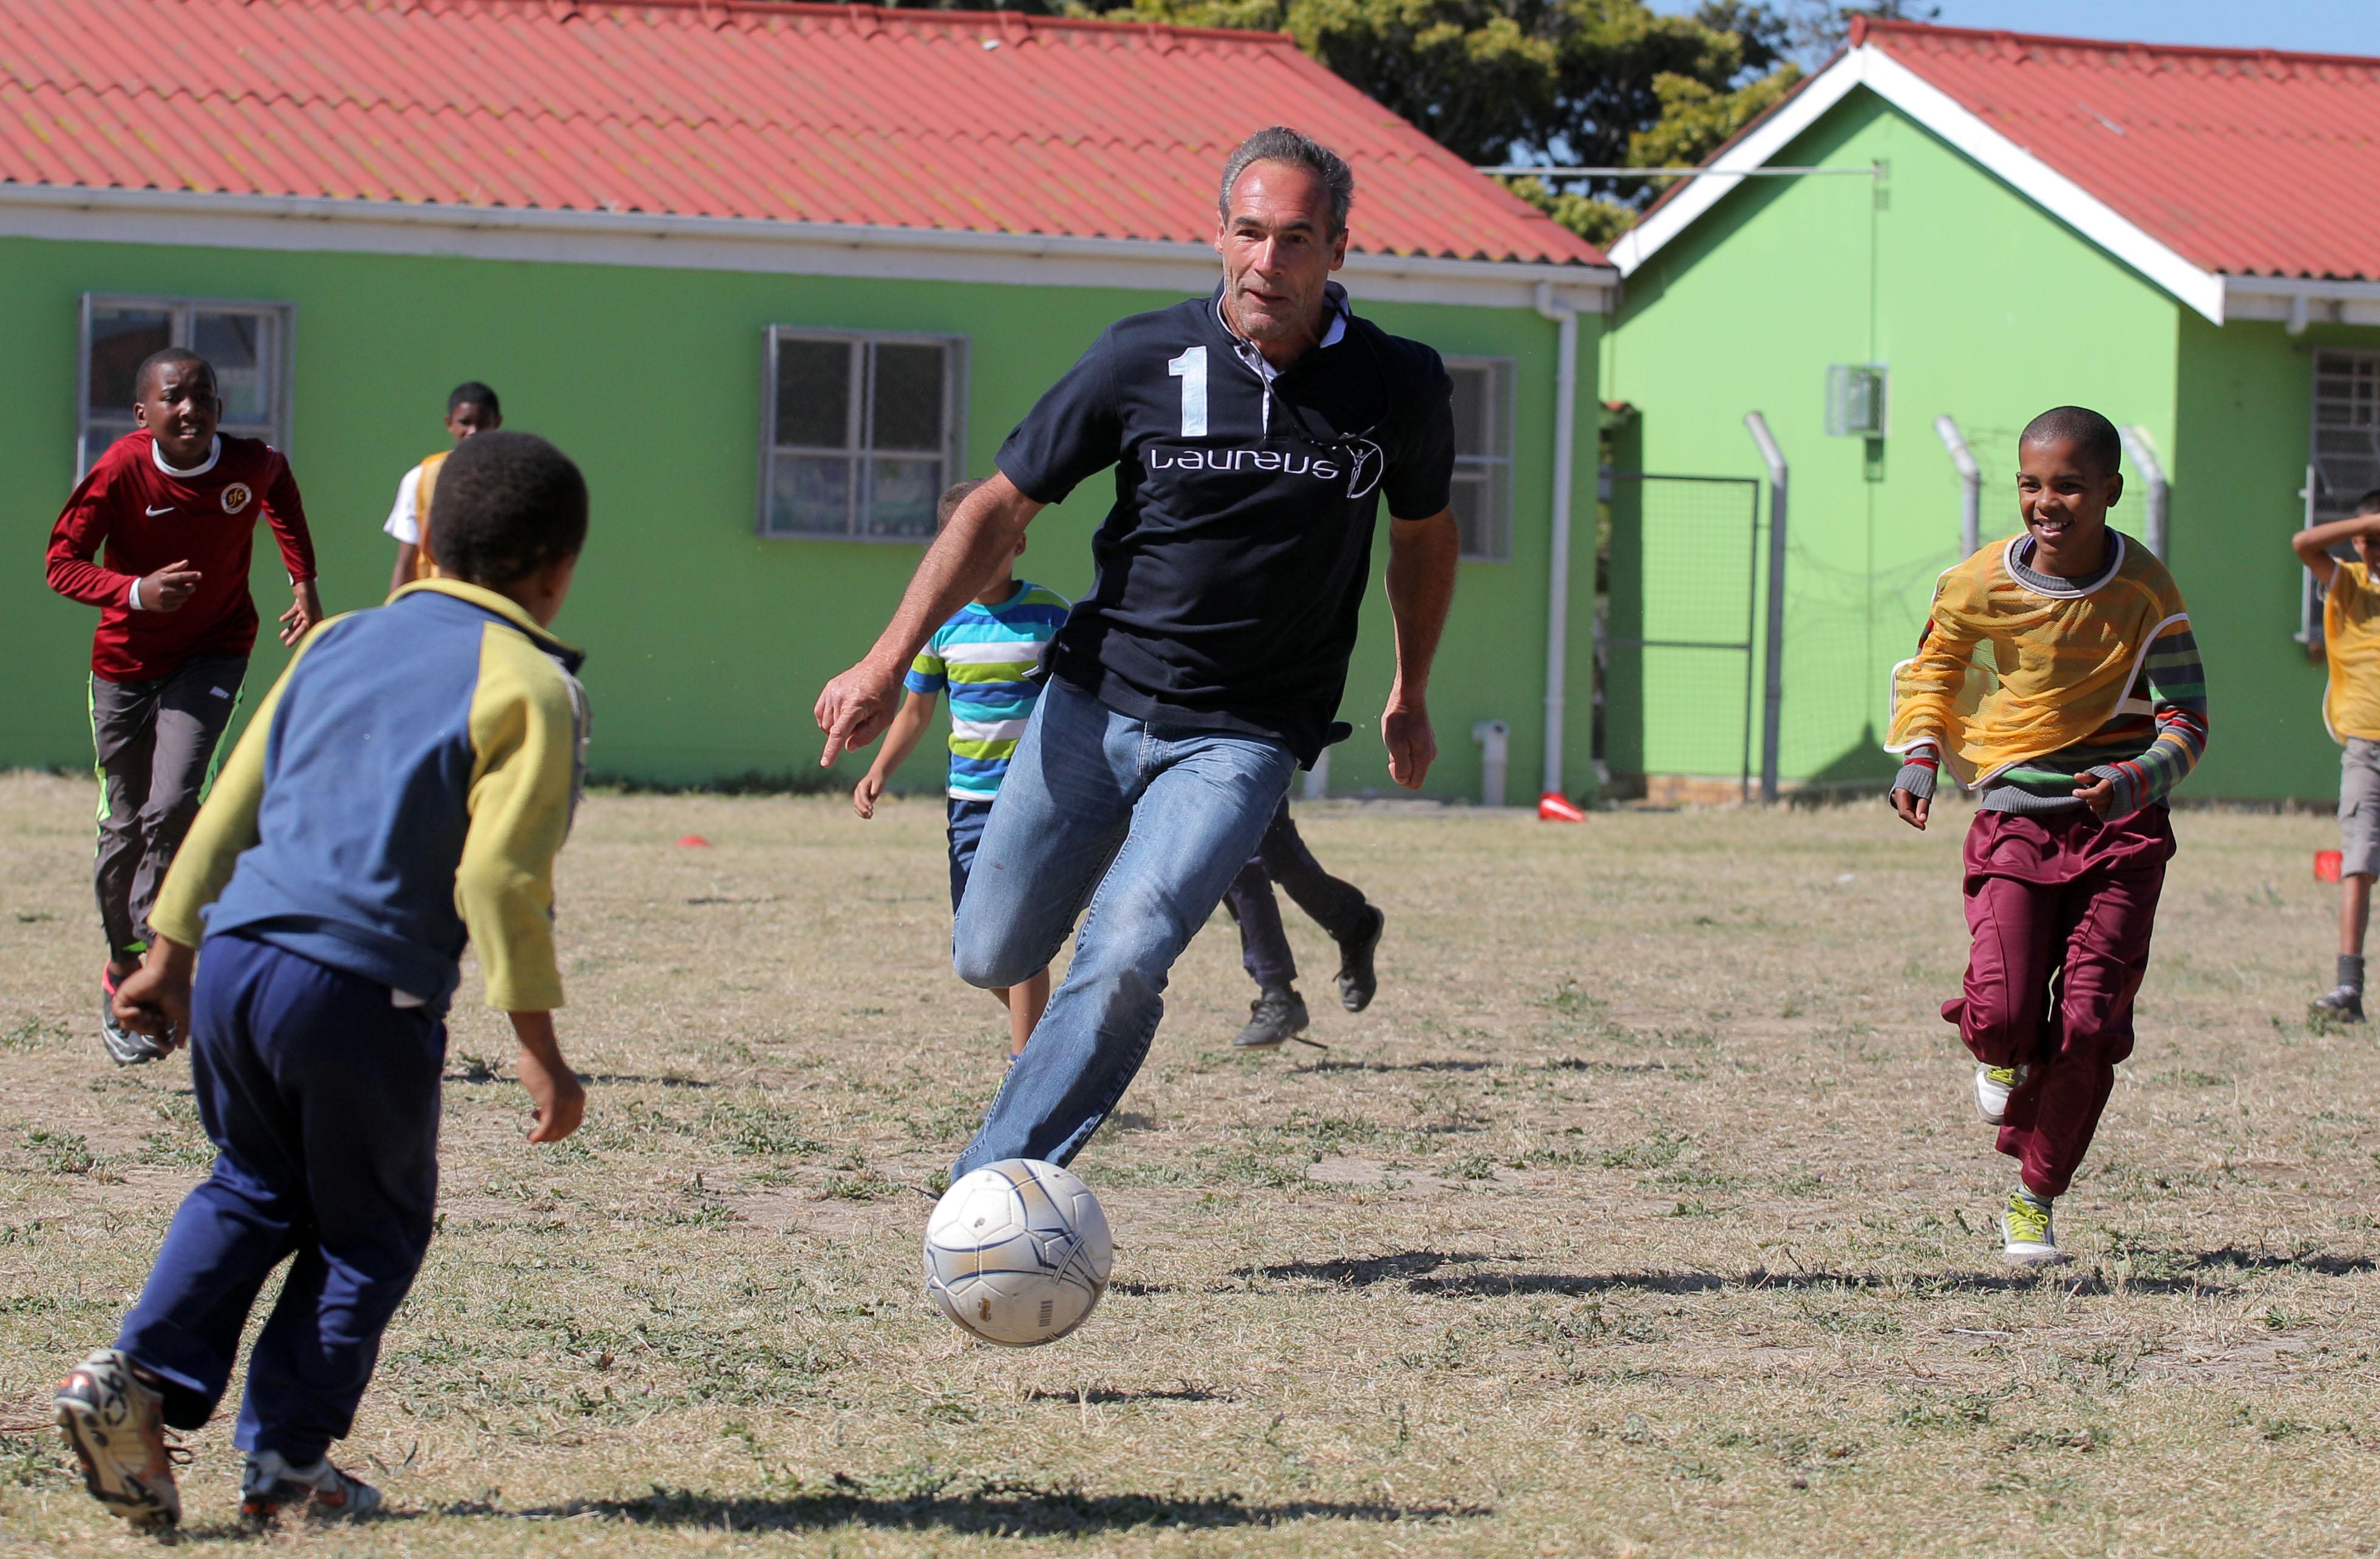 Laureus project in Cape Town Primary School